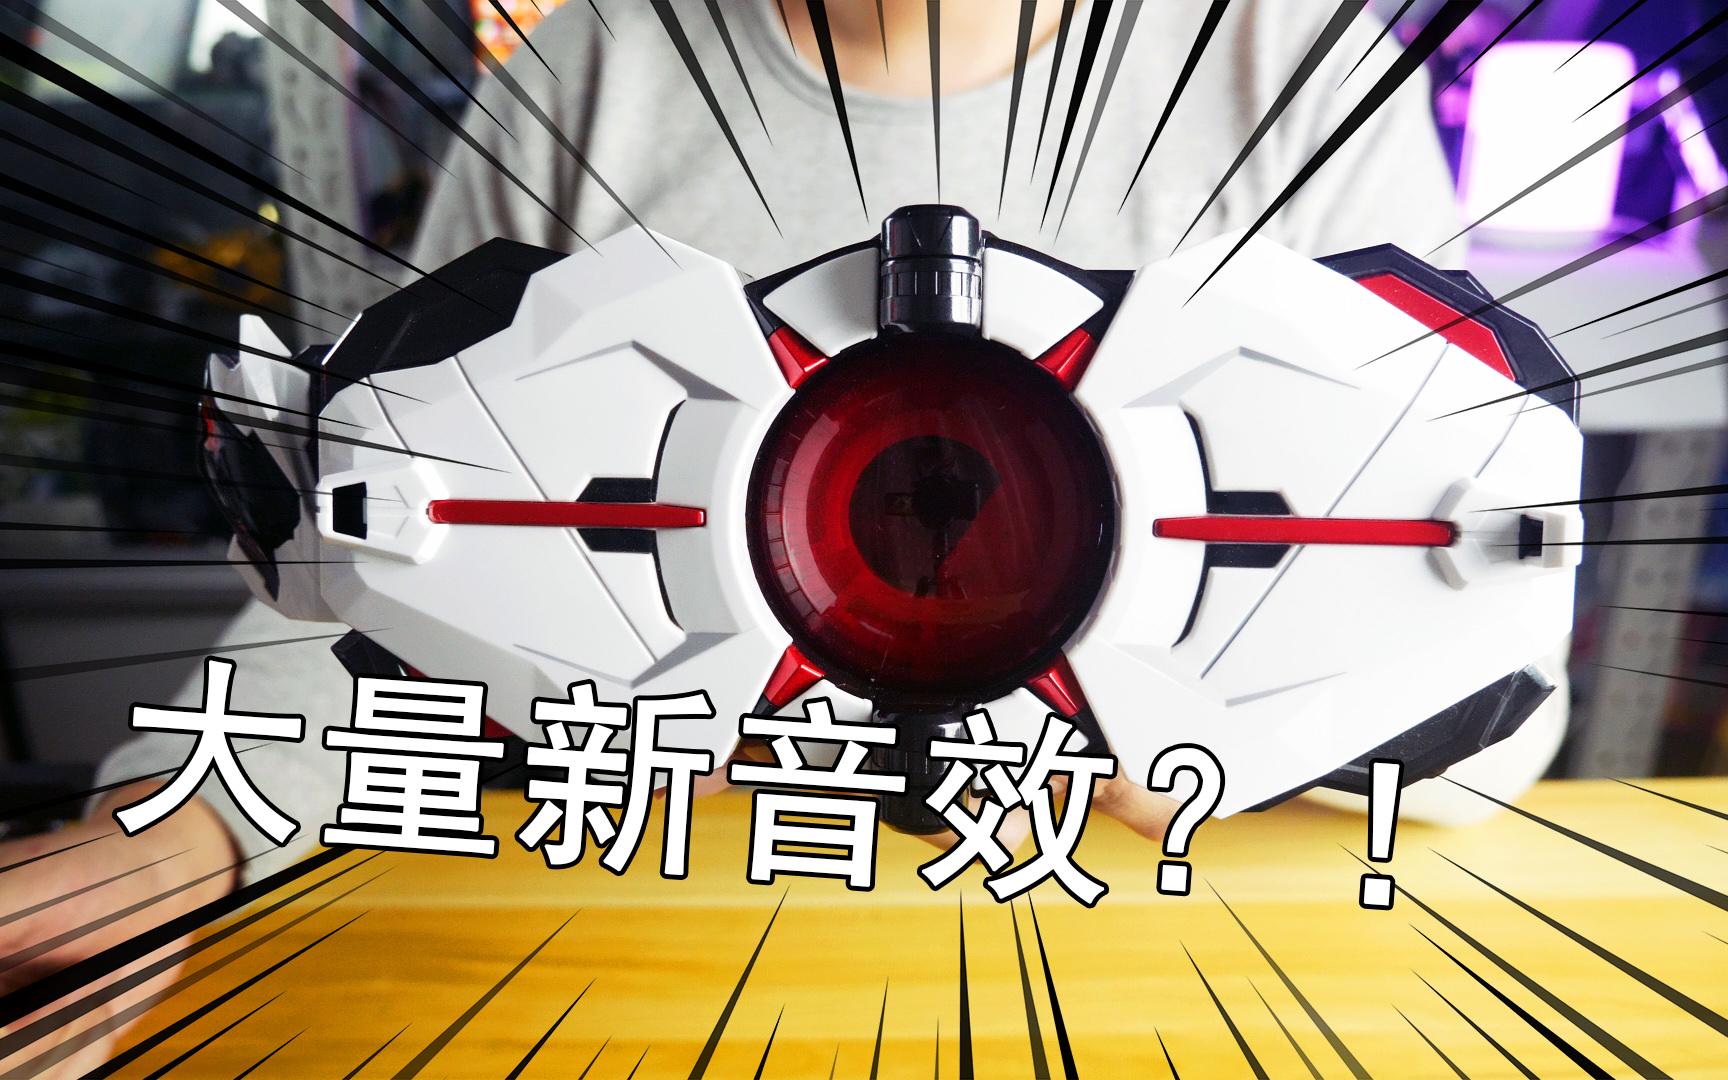 【零度模玩】居然还有隐藏玩法?假面骑士zero one 亚克1 DX驱动器评测!